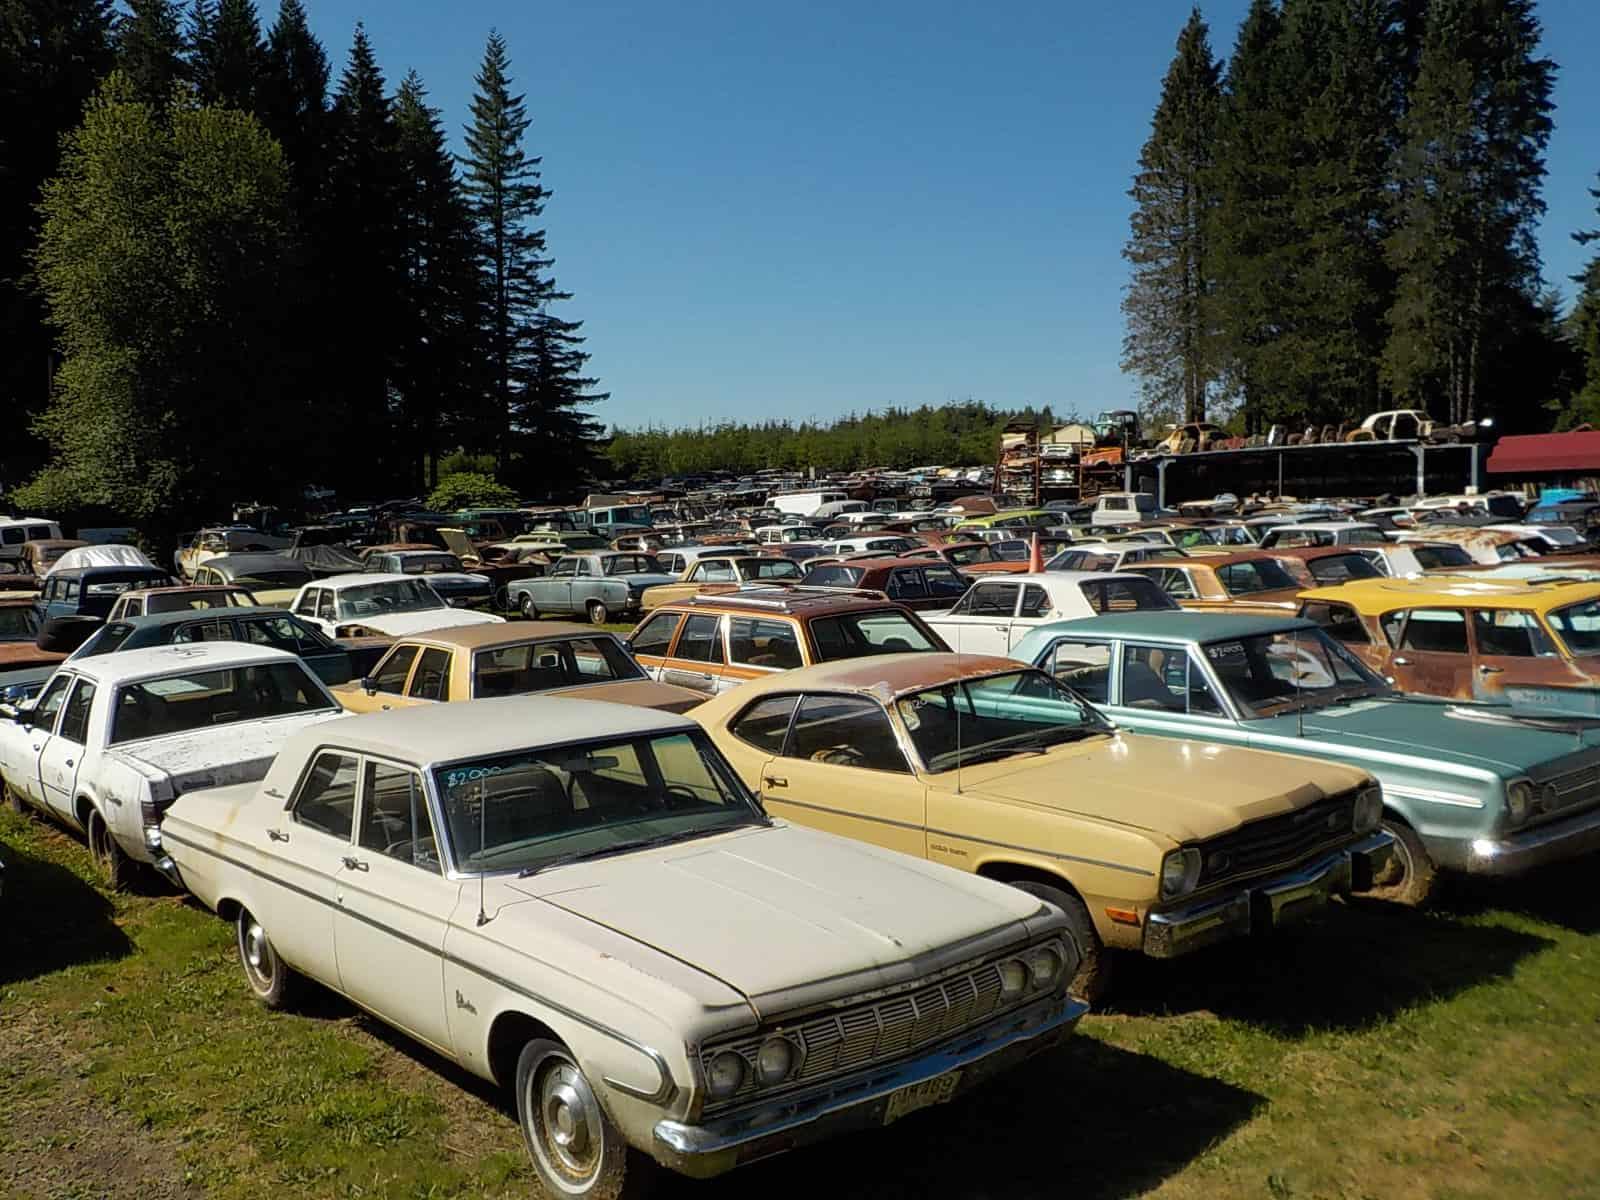 Wildcat Auto Wrecking best junkyard